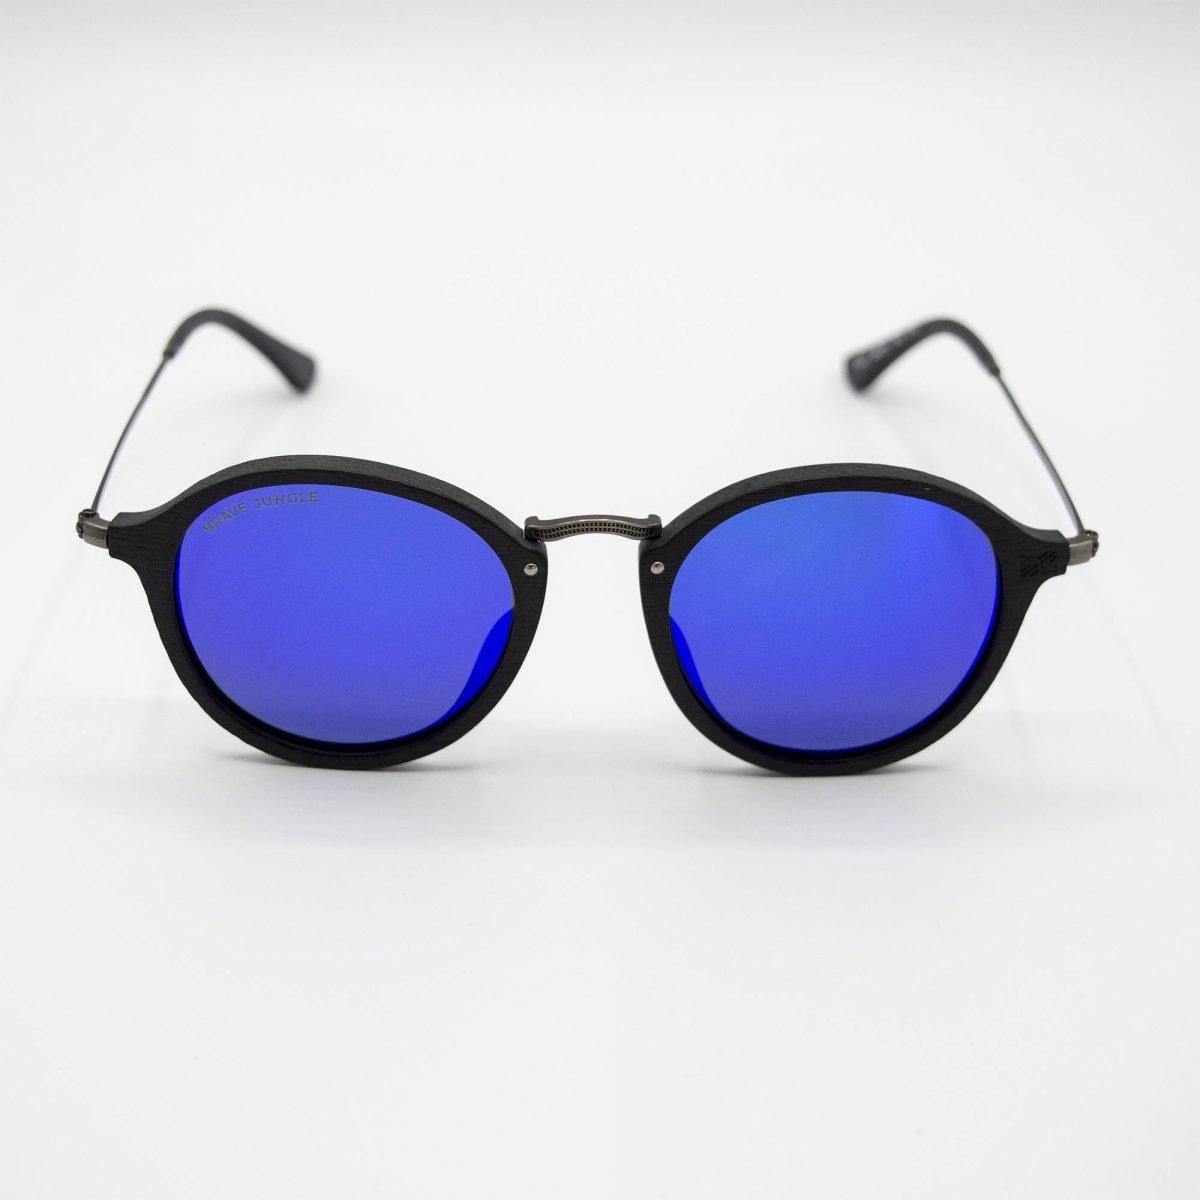 gafas de sol vanus black blue frontal 4